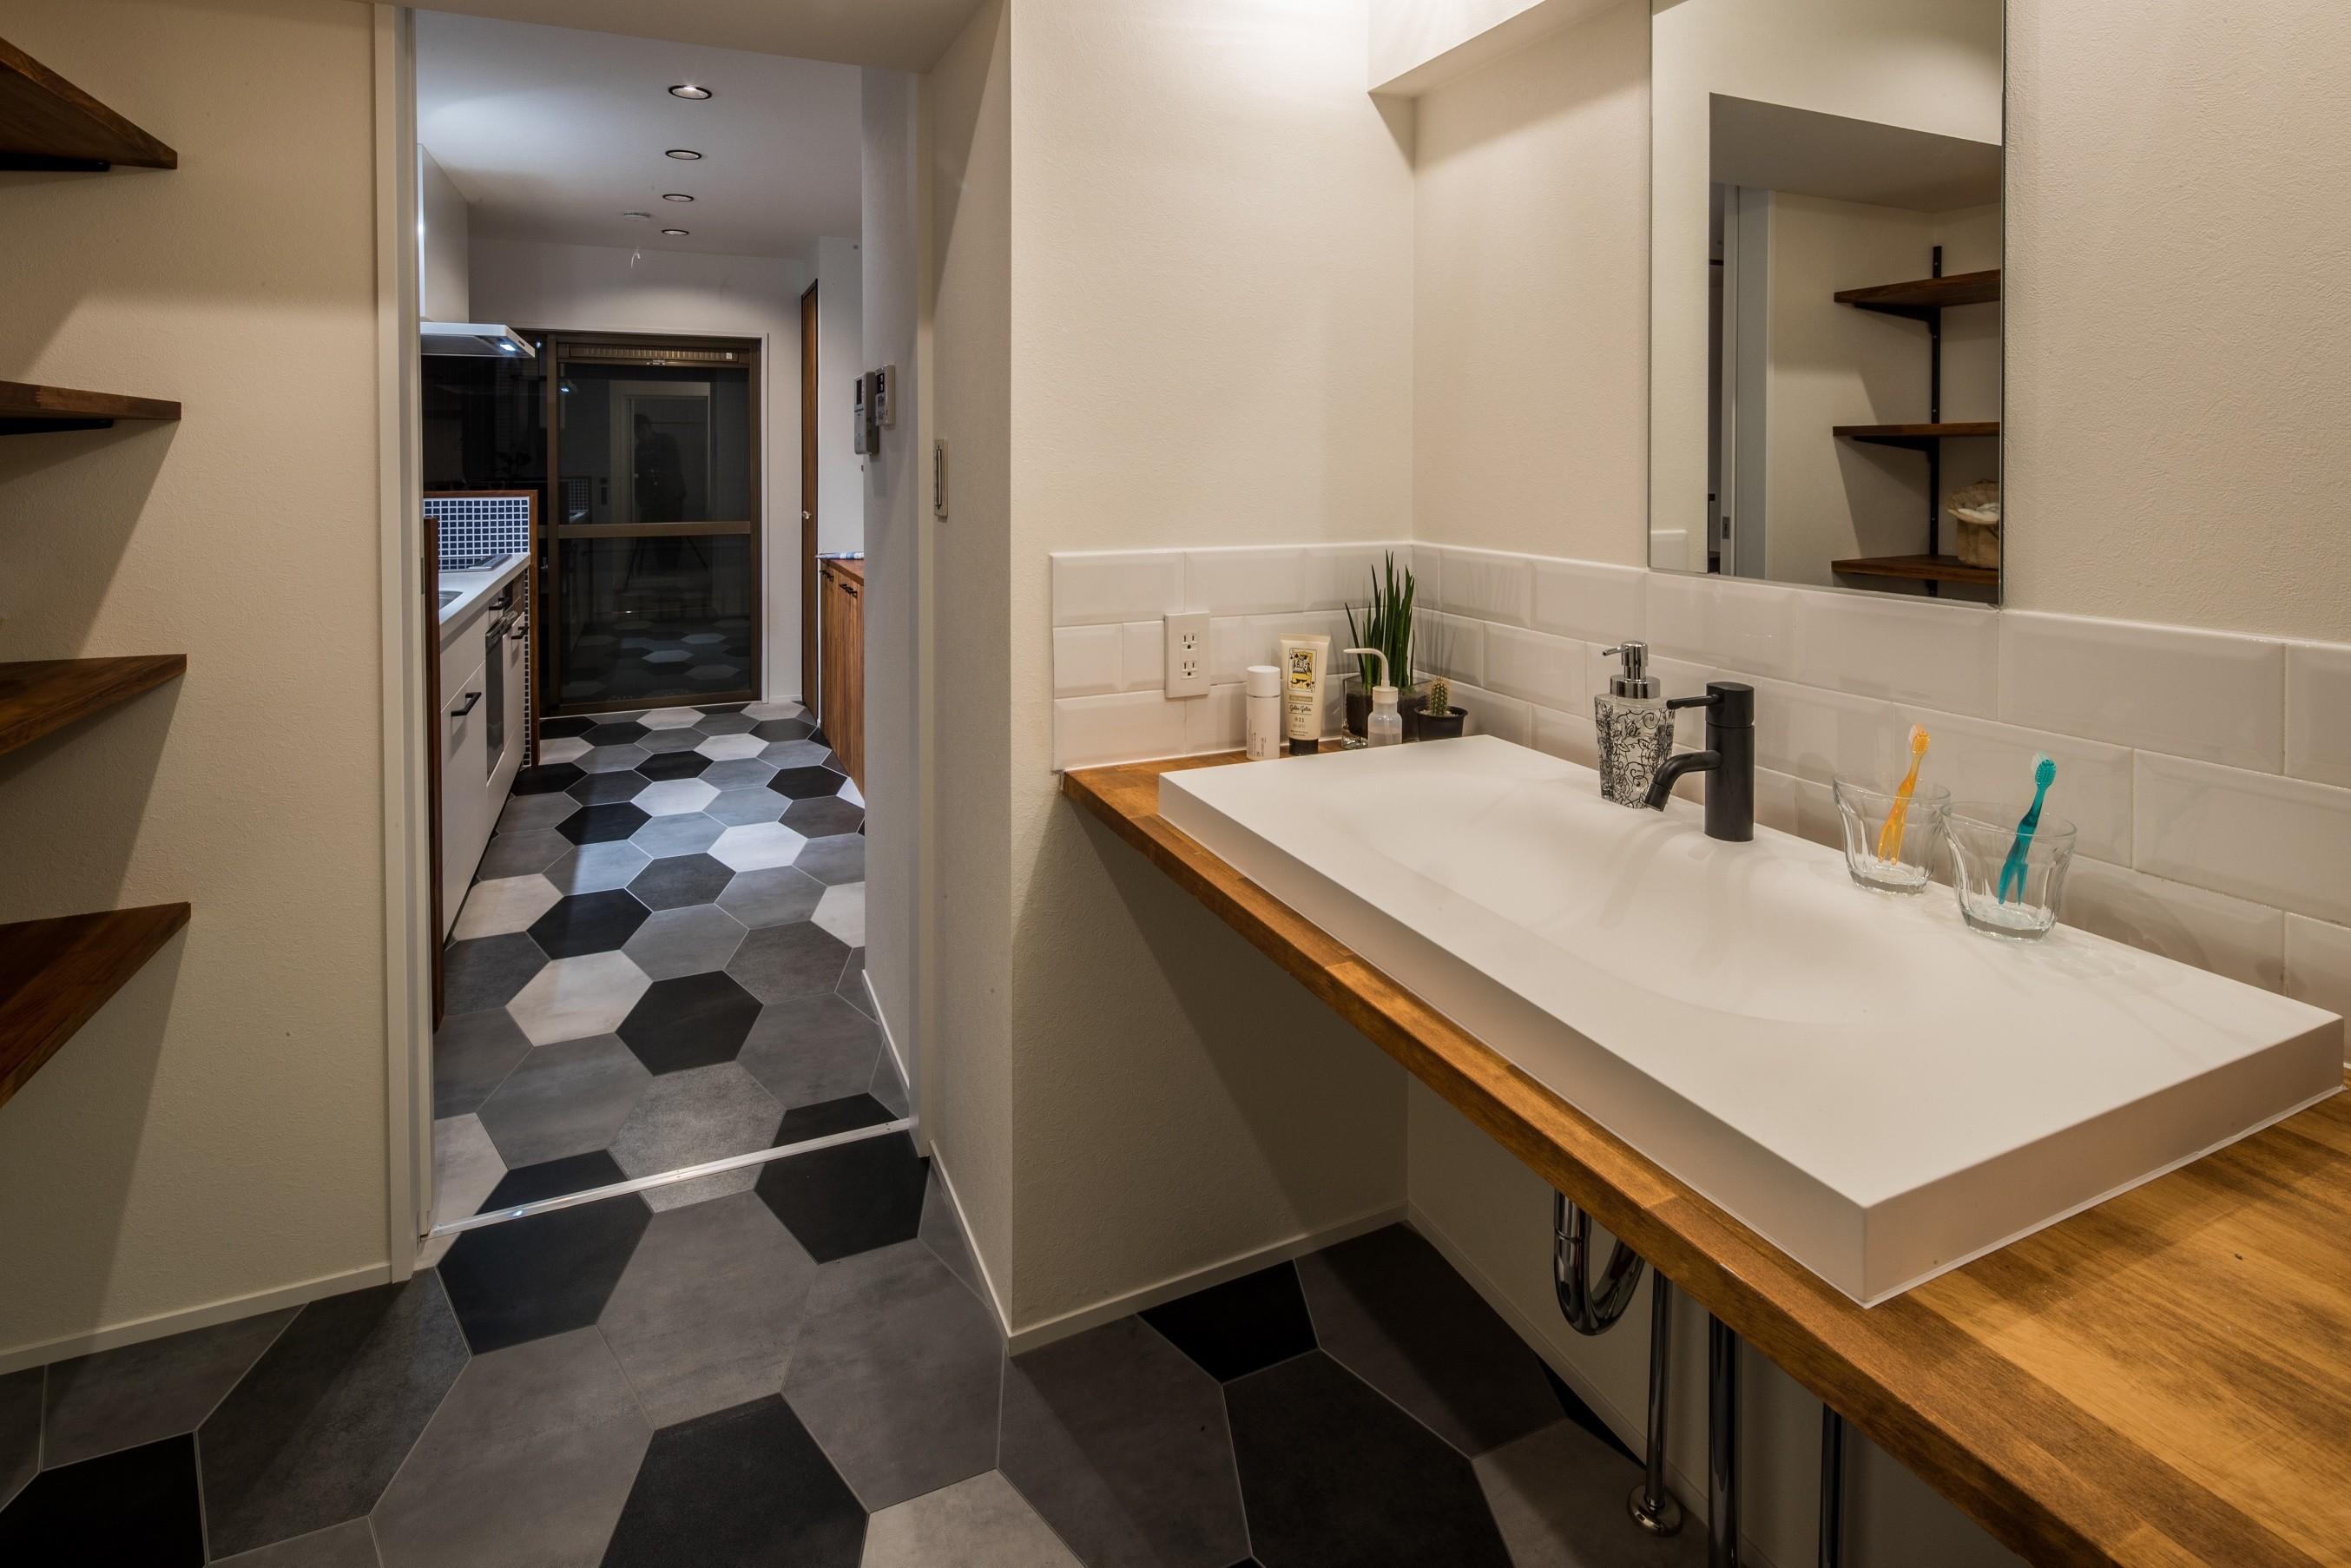 バス/トイレ事例:洗面室(アウトドアリビングの暮らしを楽しめる家)